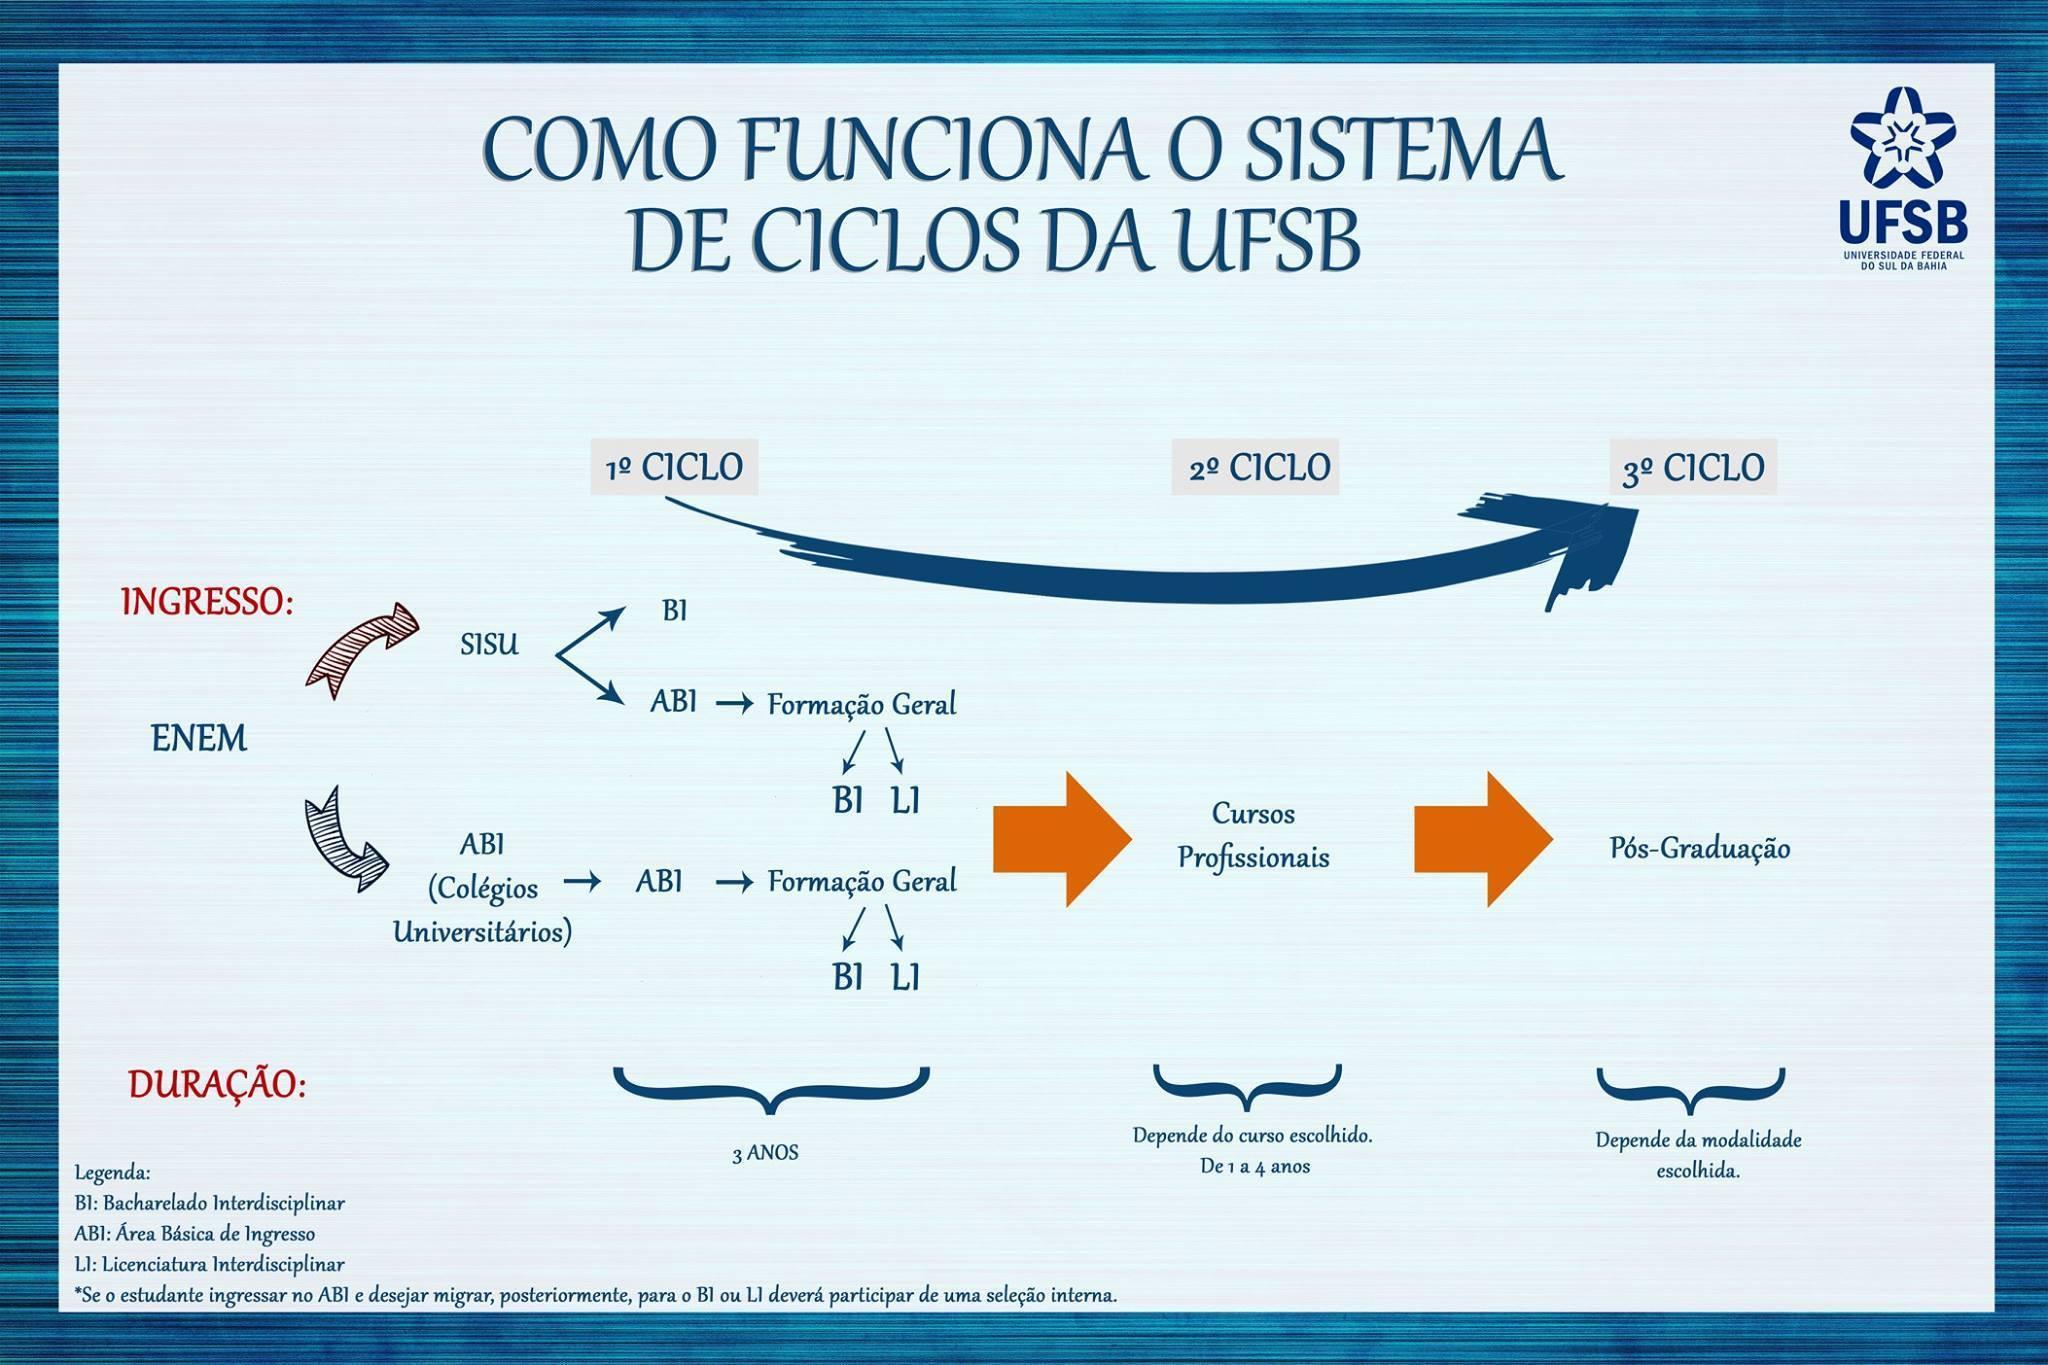 ciclos da ufsb